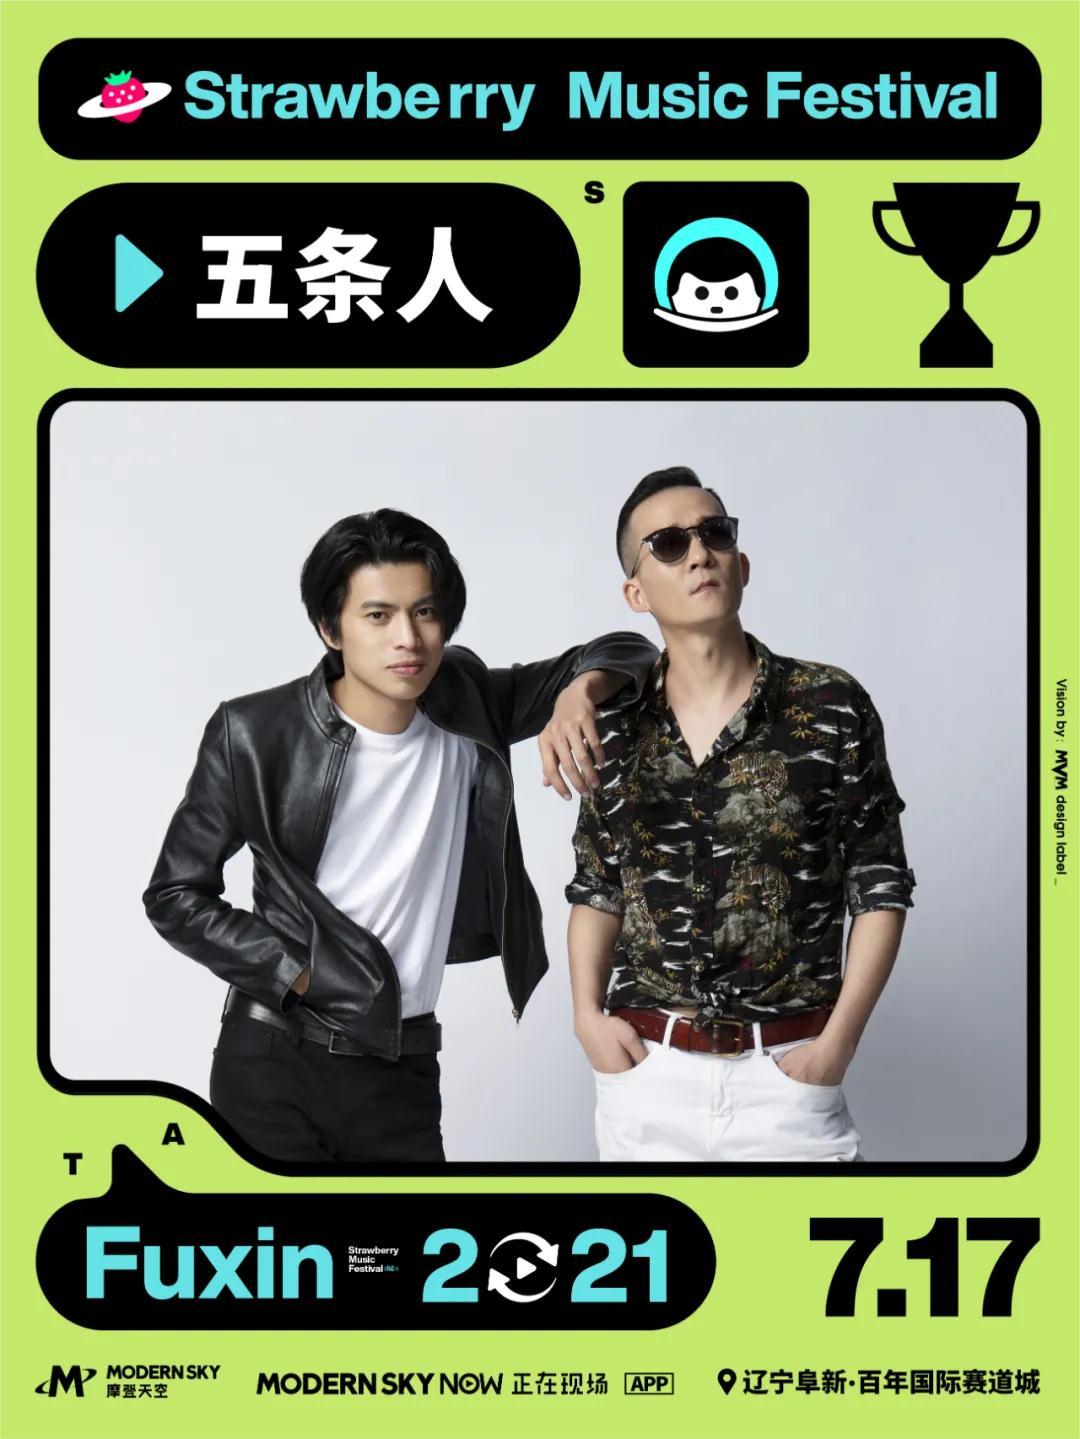 2021辽宁阜新草莓音乐节